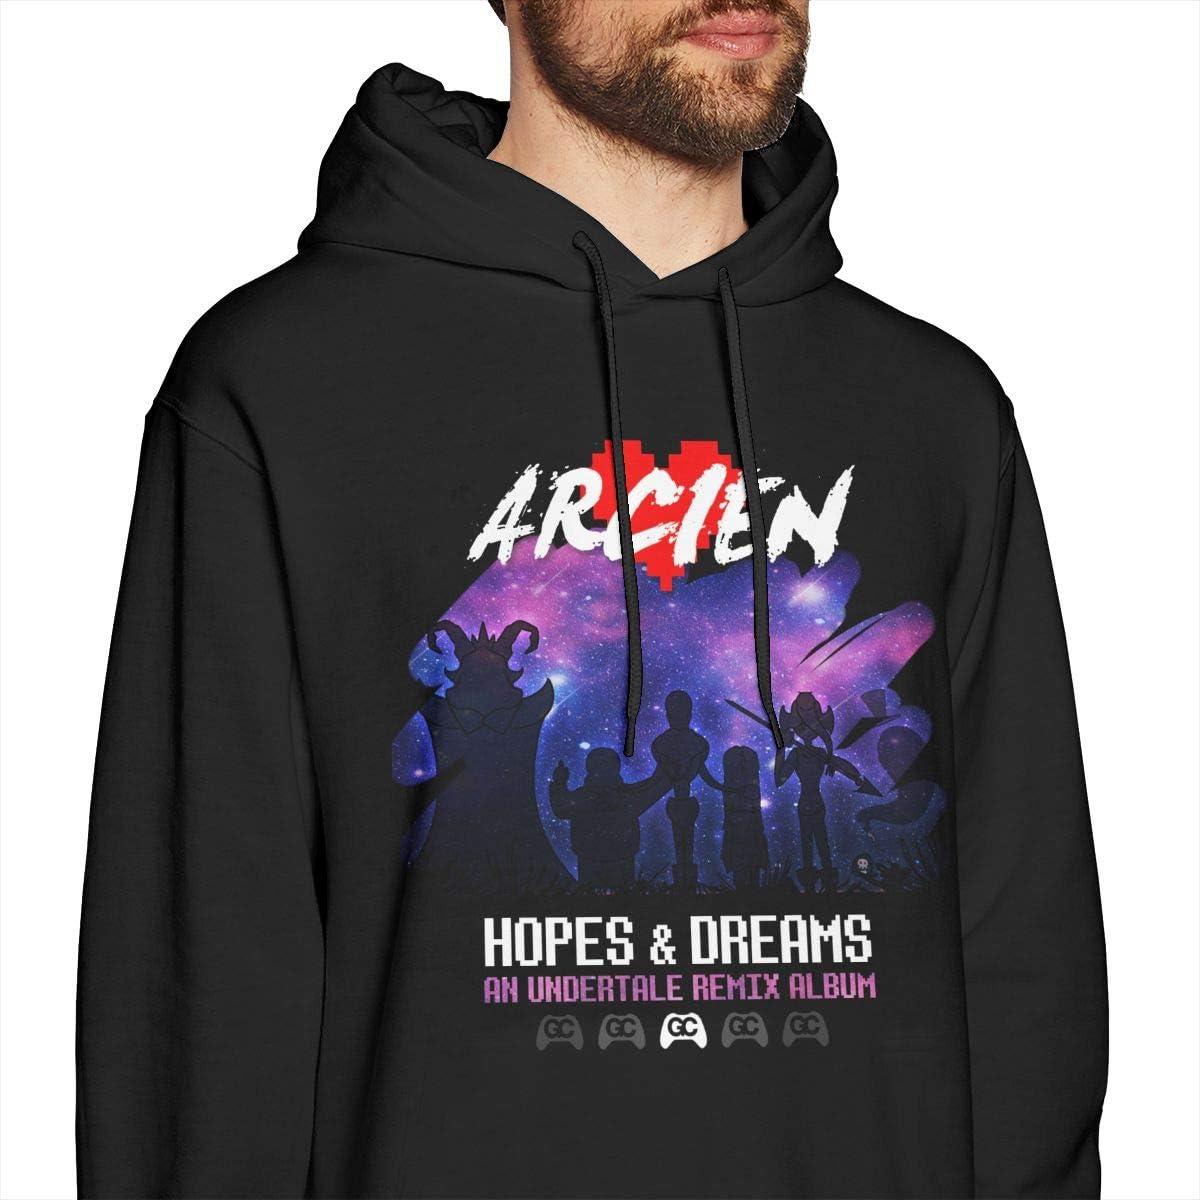 Ysahcj Arcien Hopes /& Dreams Mens Hoodie Sweatshirt Black